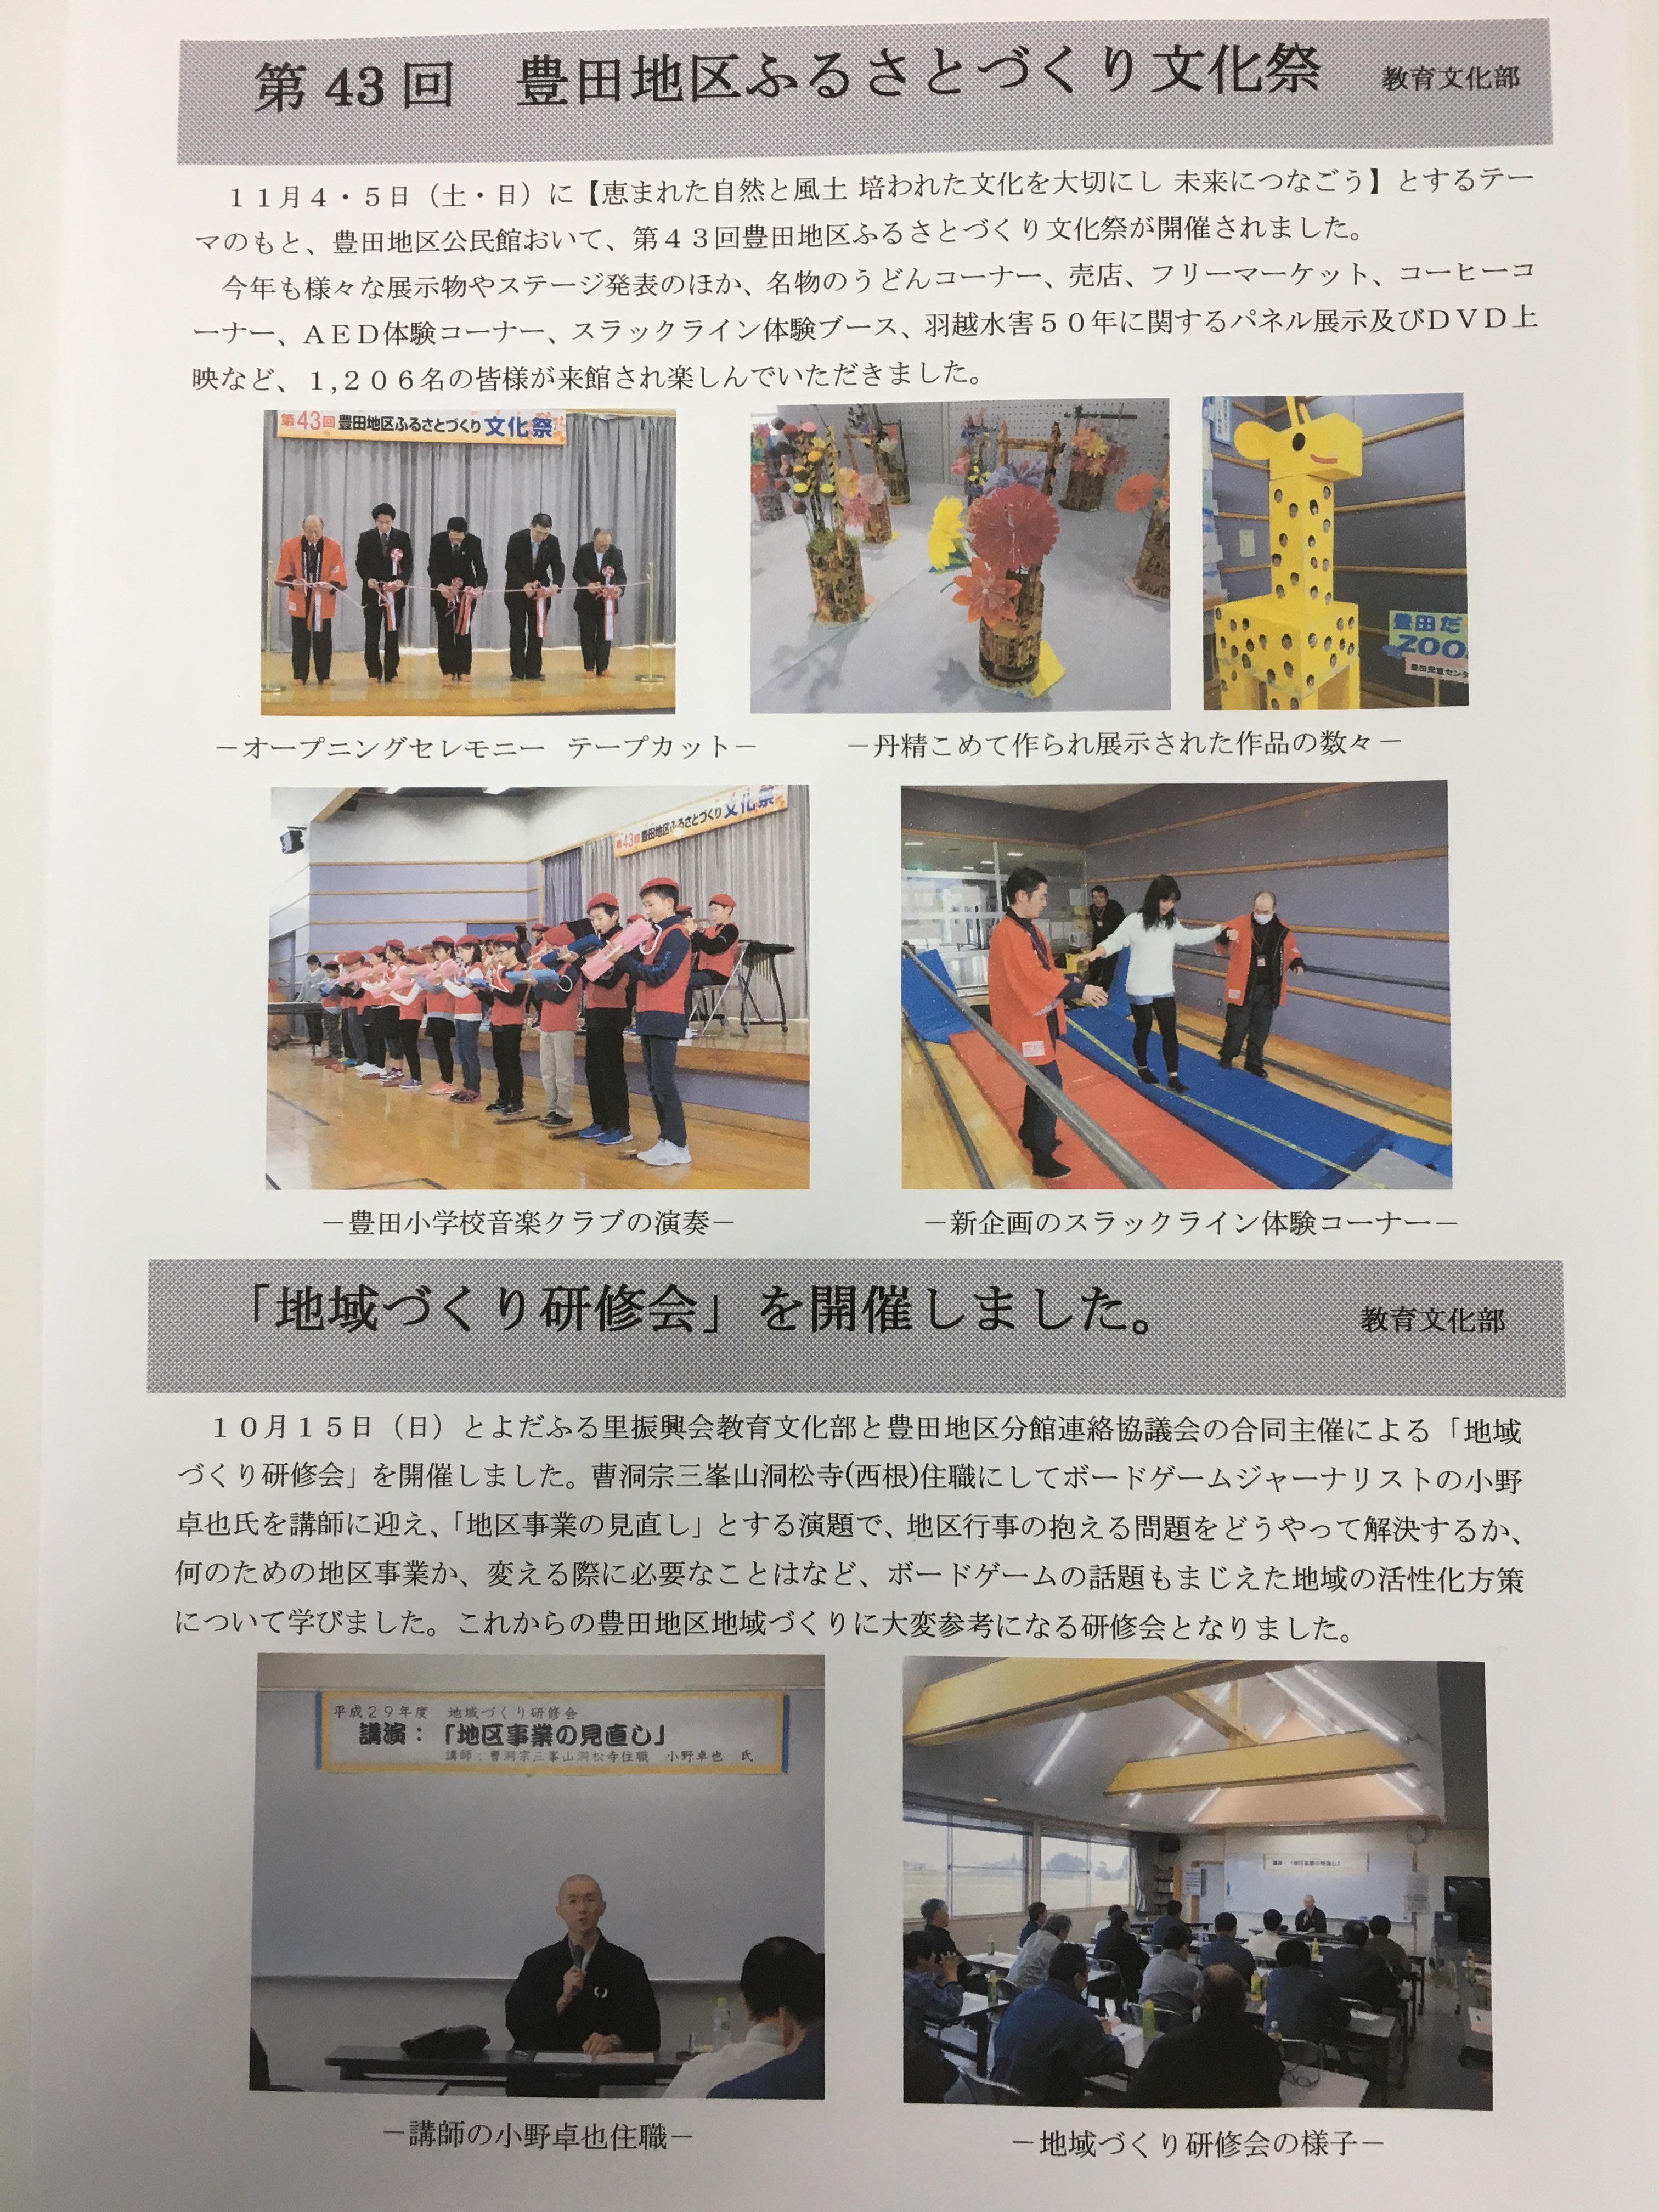 【とよだふる里振興会 会報59号】本日発行!!